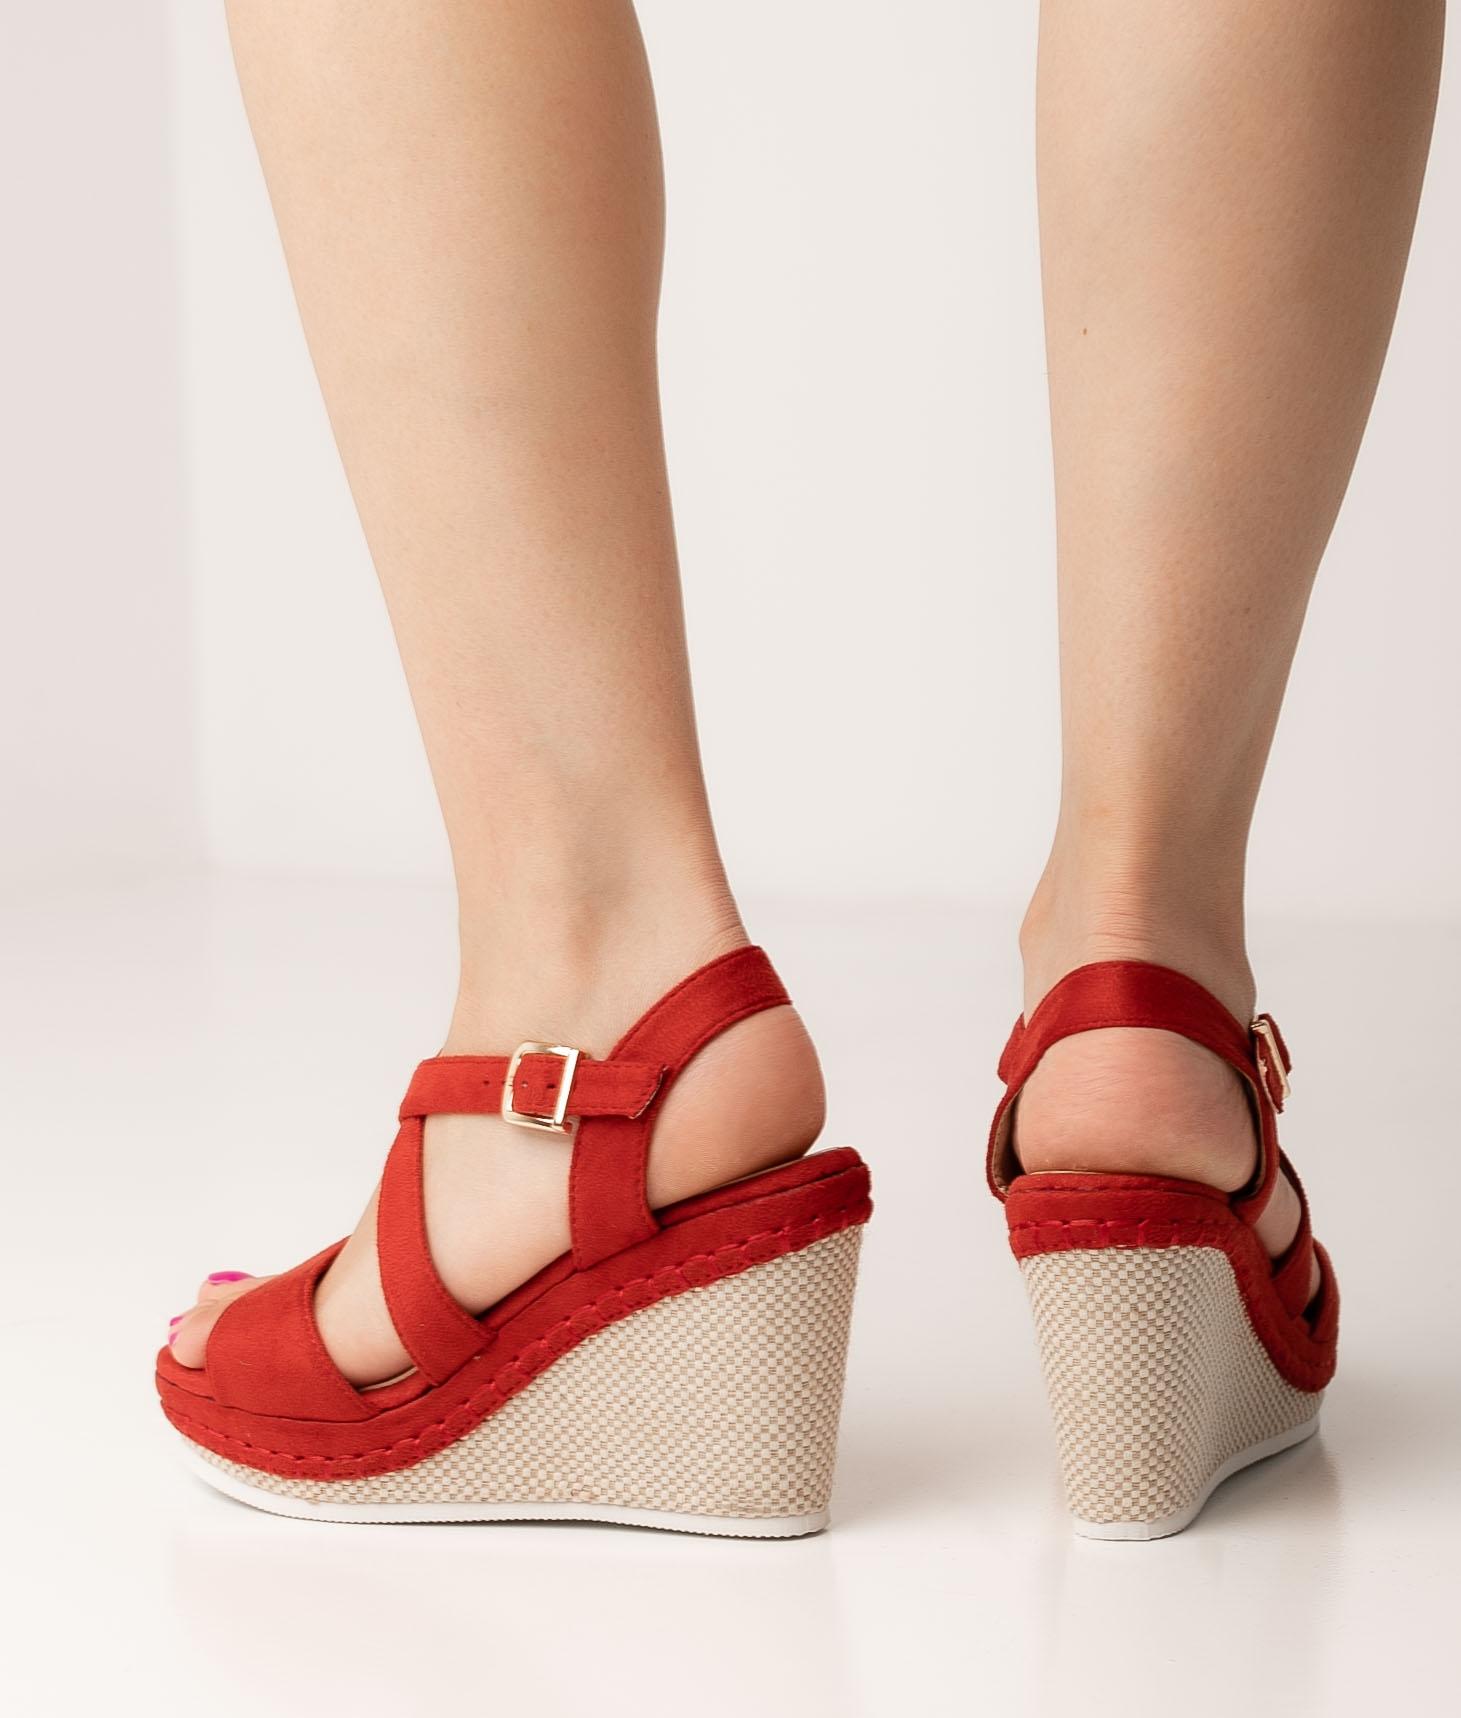 Wedge Heel Beloa - Red